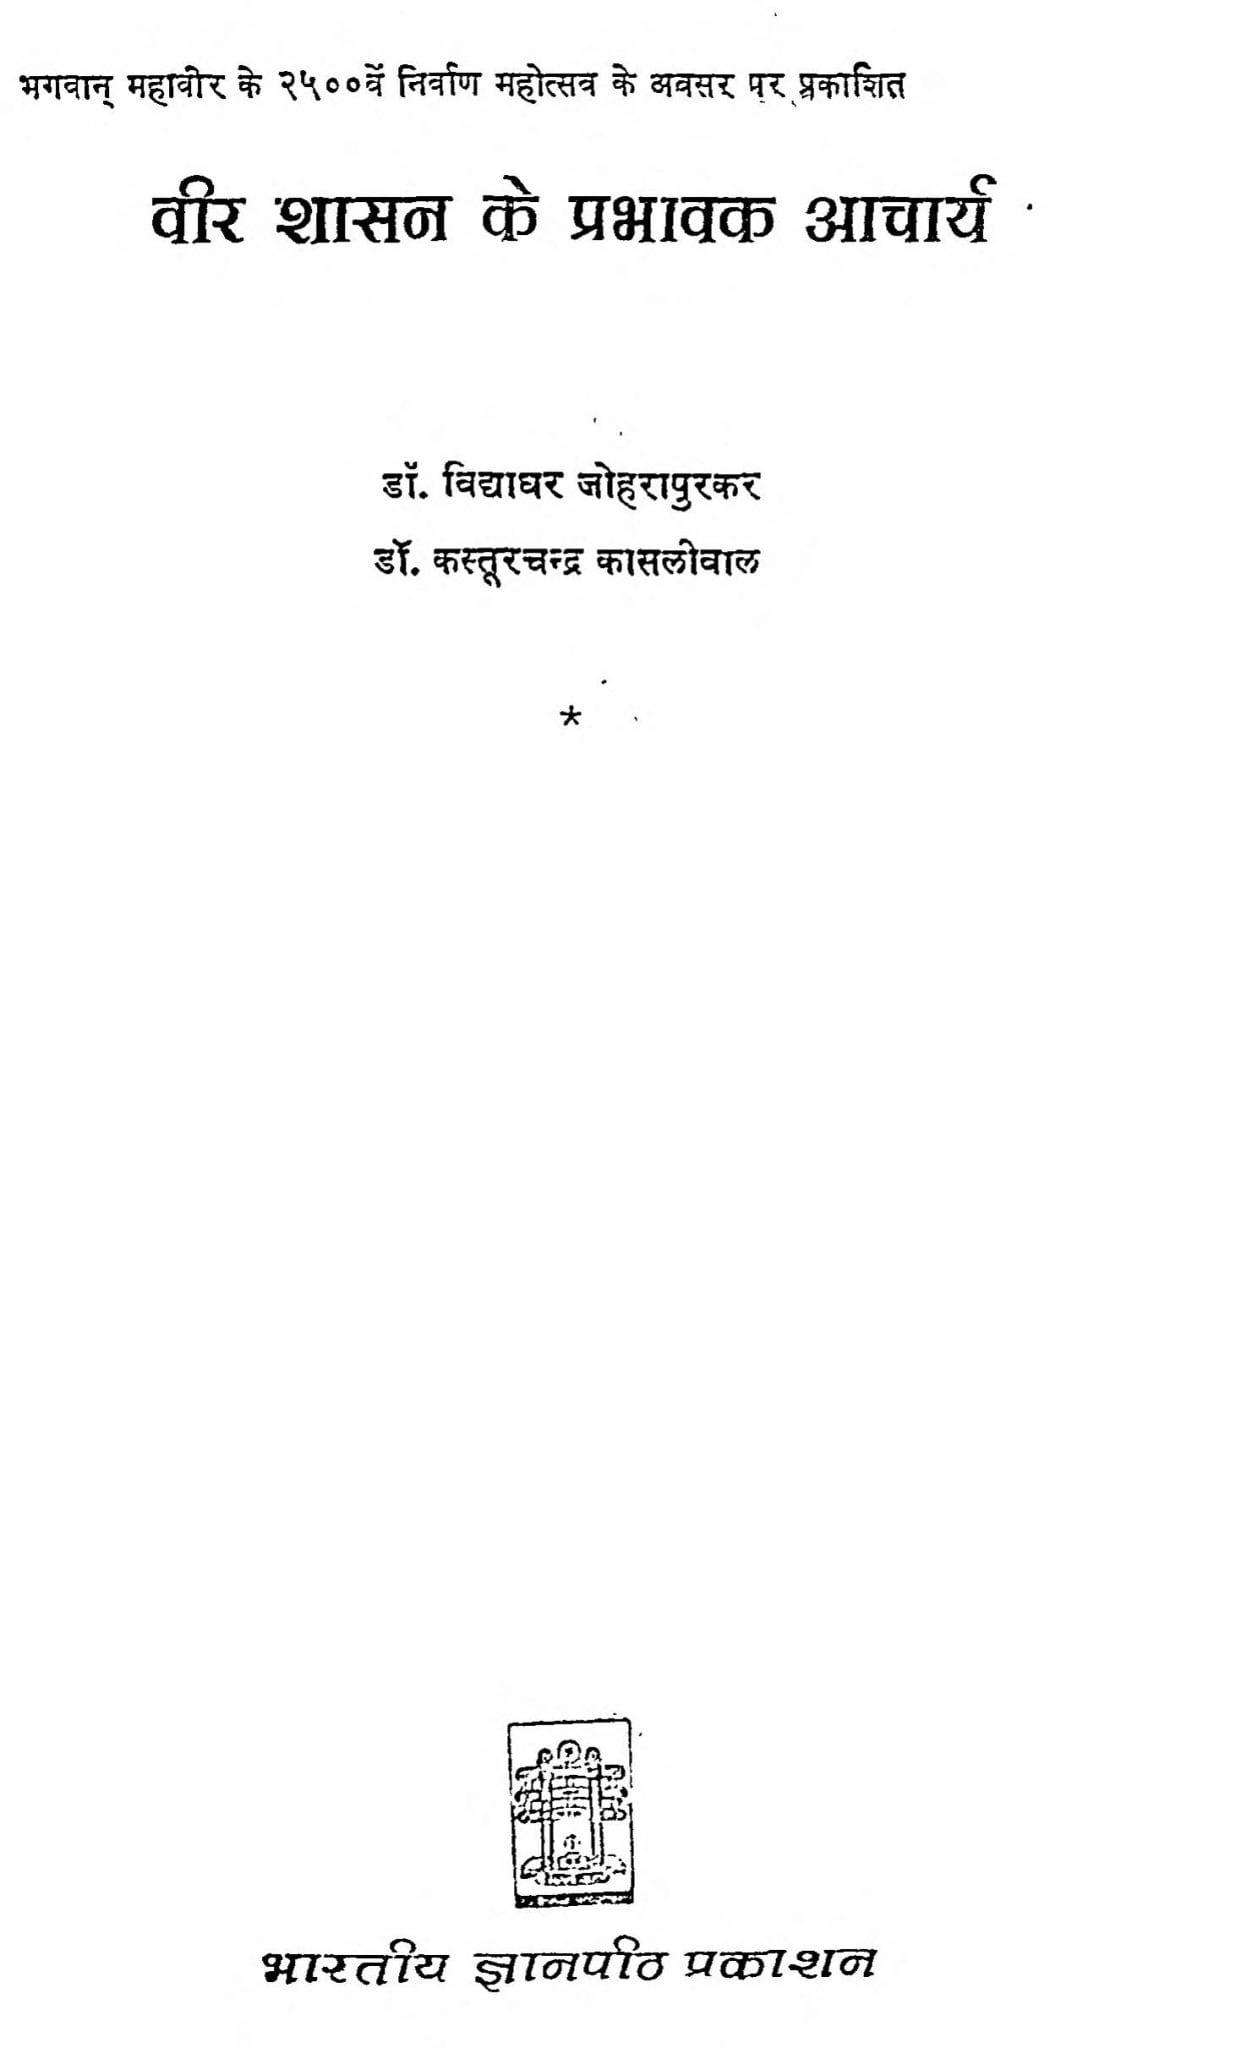 Veer Shasan Ke Prabhavik Acharya by लक्ष्मीचंद्र जैन - Lakshmichandra Jain